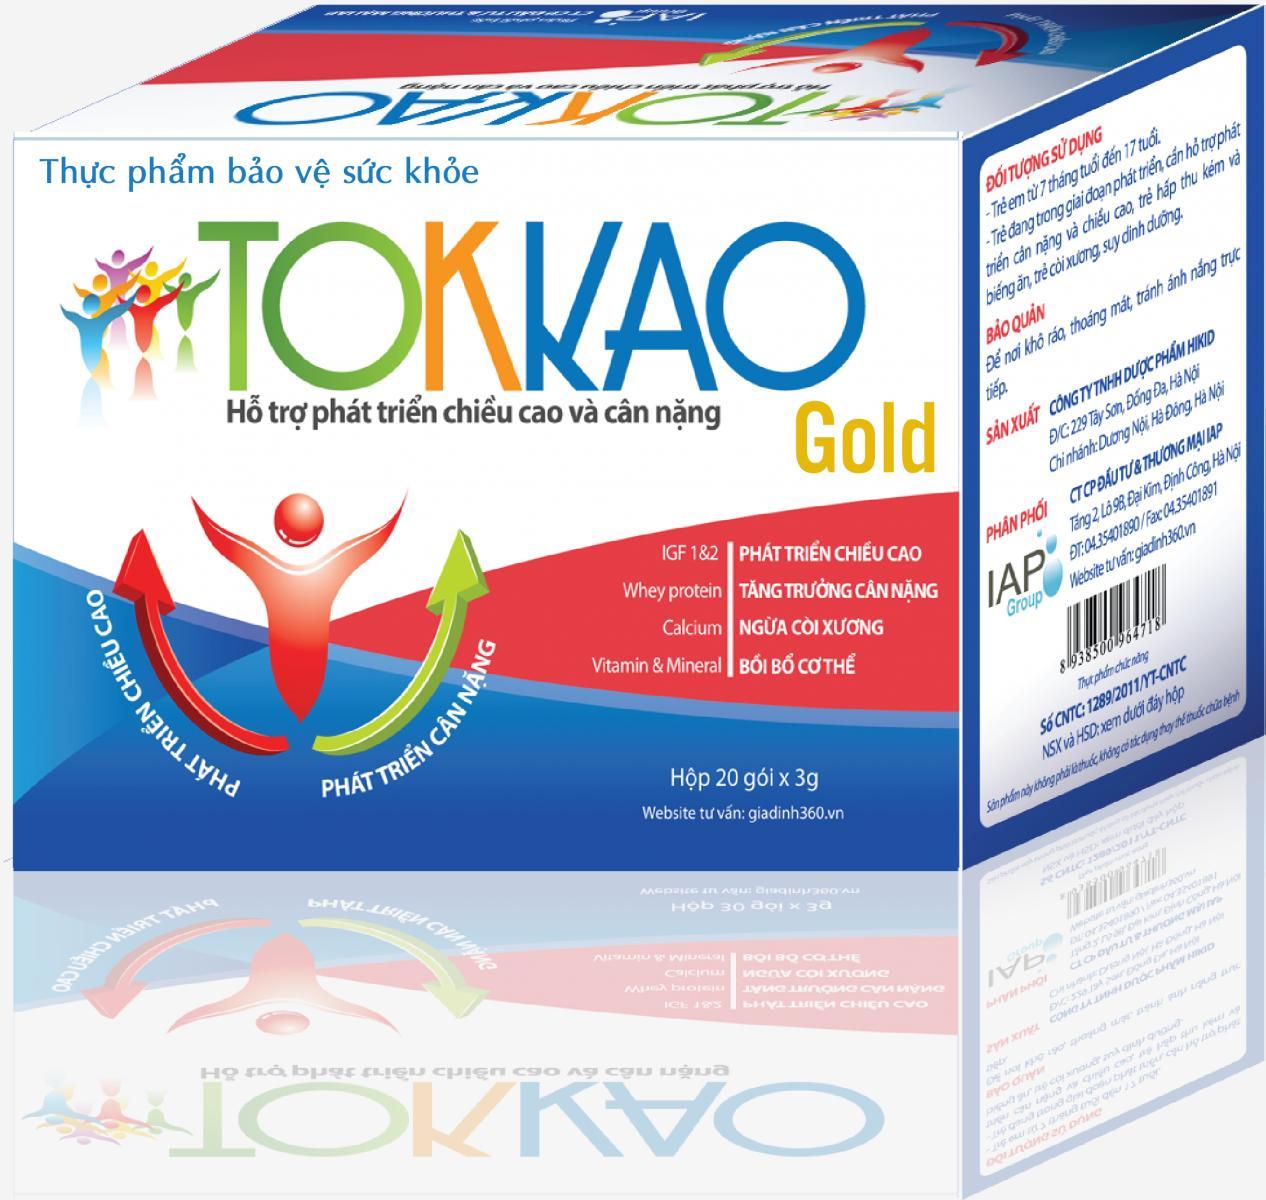 Thuốc Tokkao mua ở đâu, giá bao nhiêu?